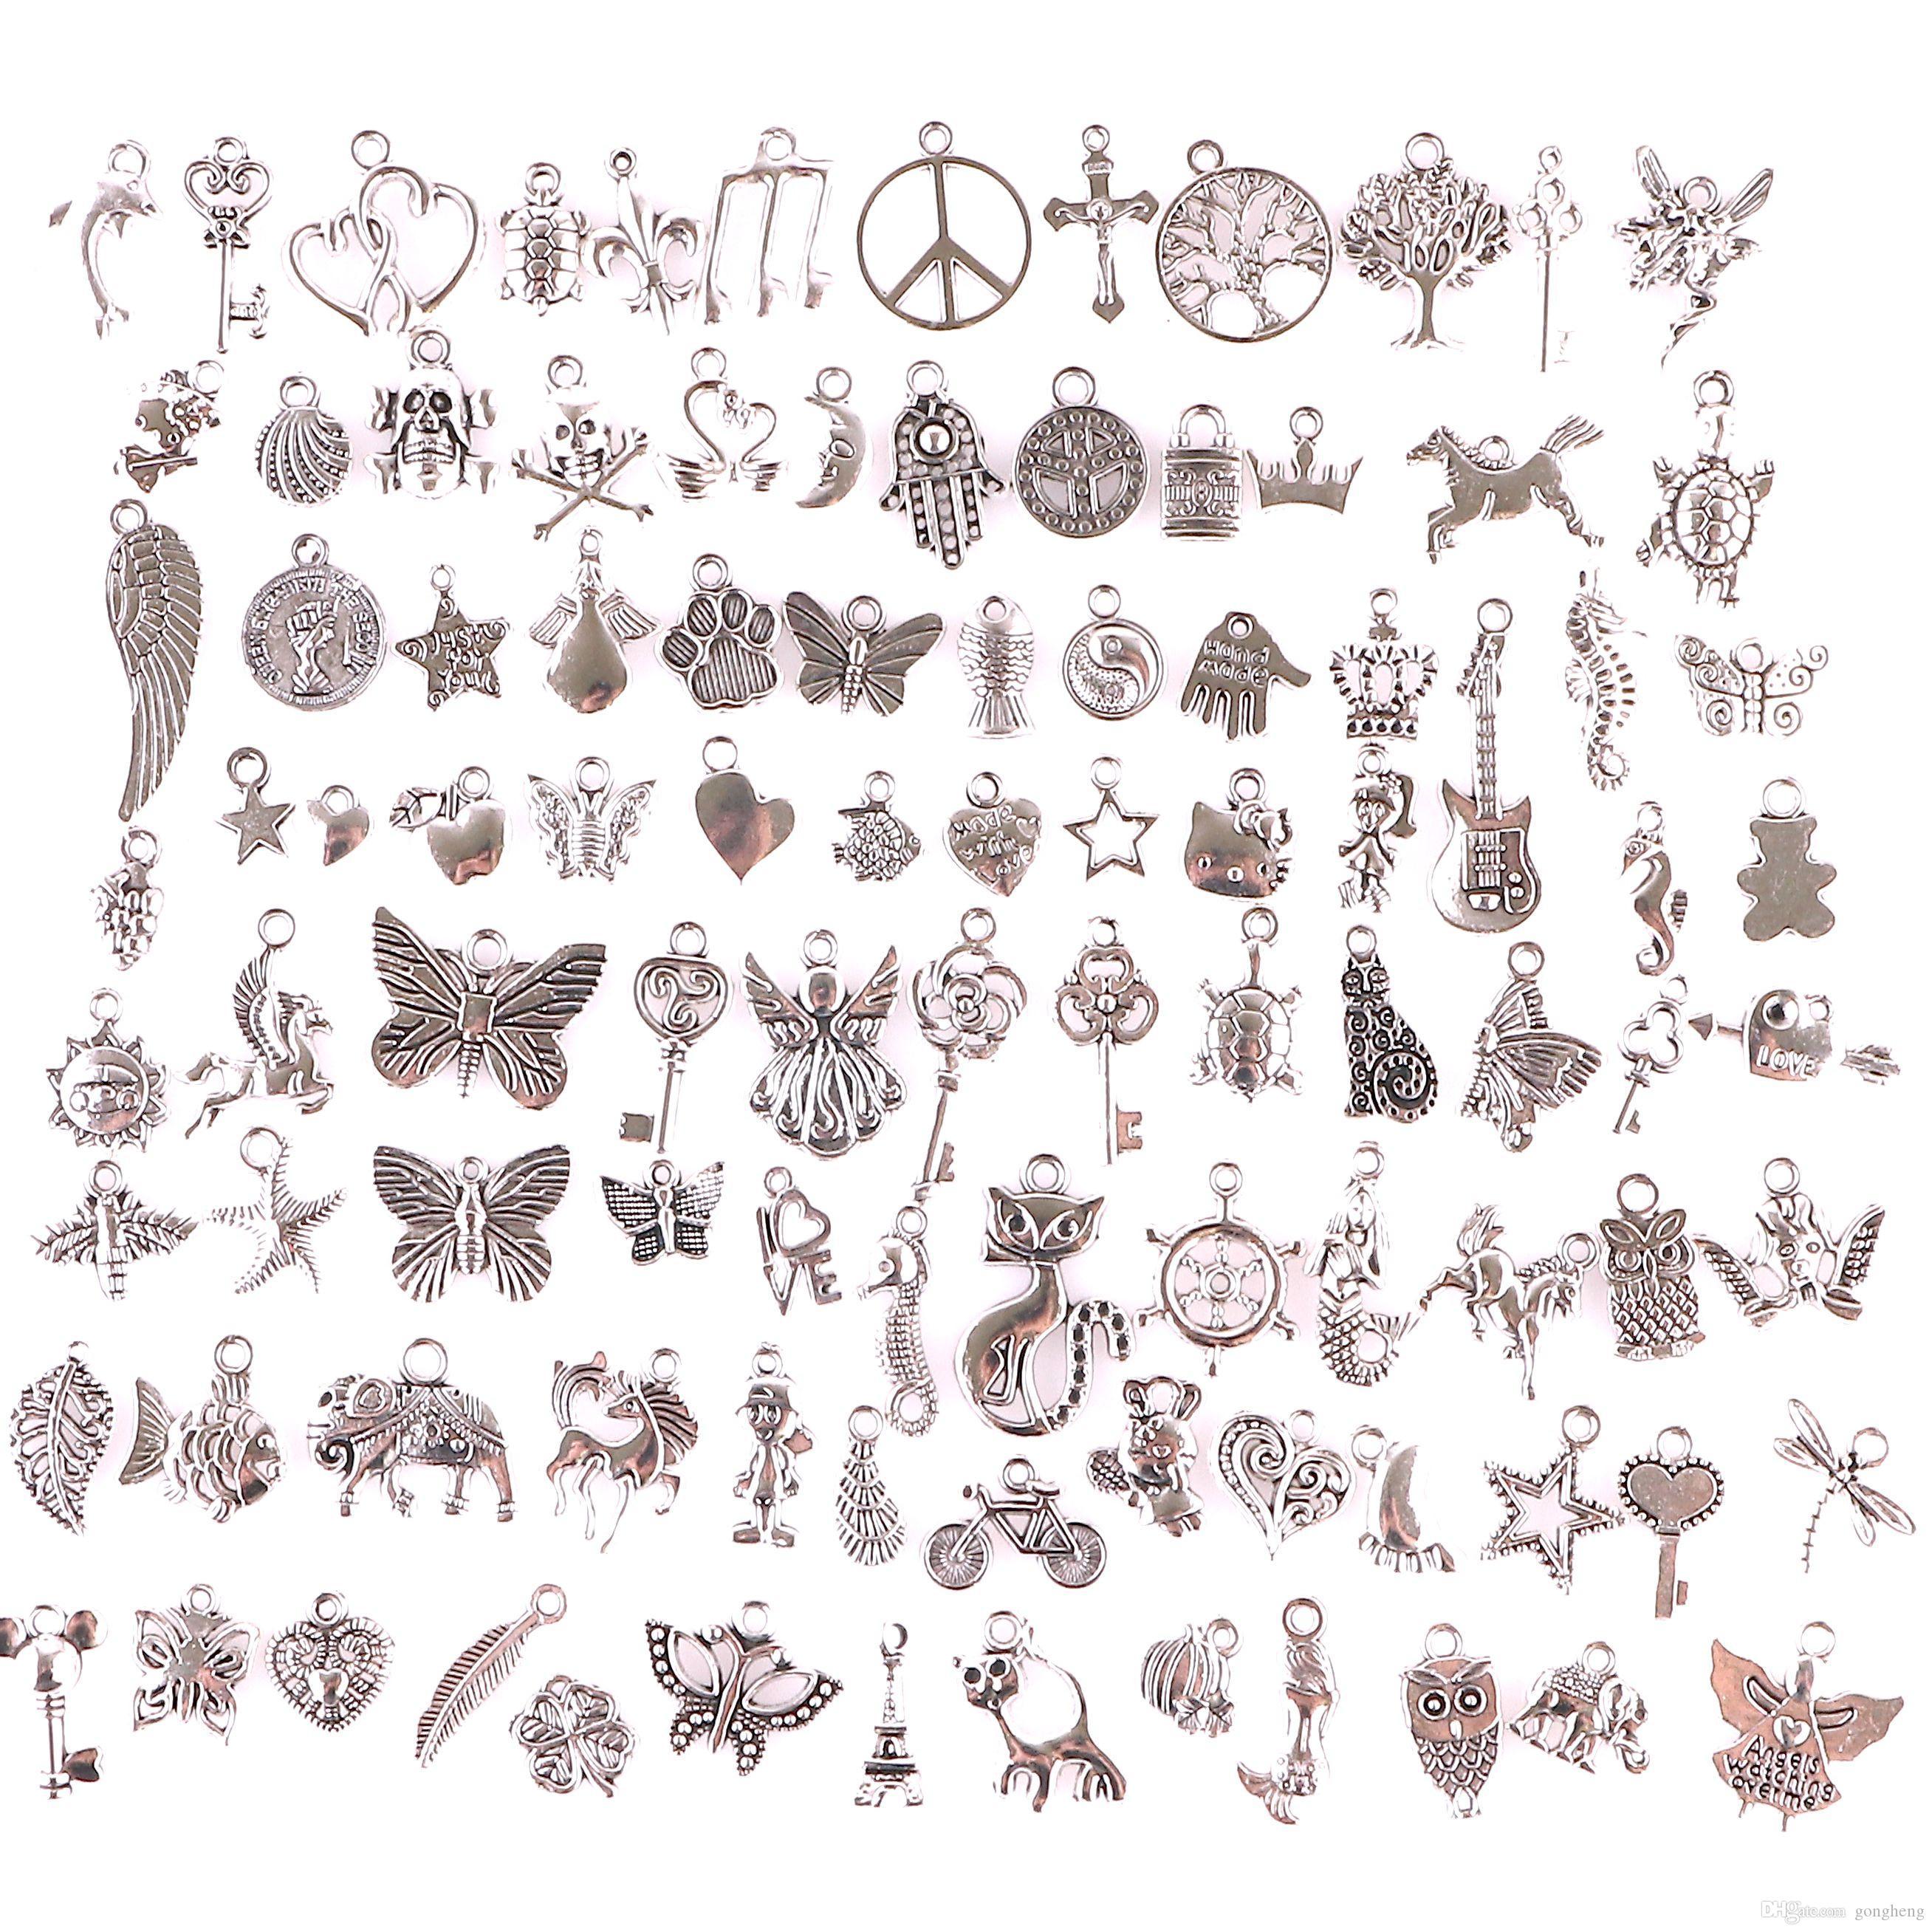 23210 100шт Mix Растительные животных Ключевые Подвески Урожай старинное серебро Мини сплав Подвеска DIY Изготовление ювелирных изделий